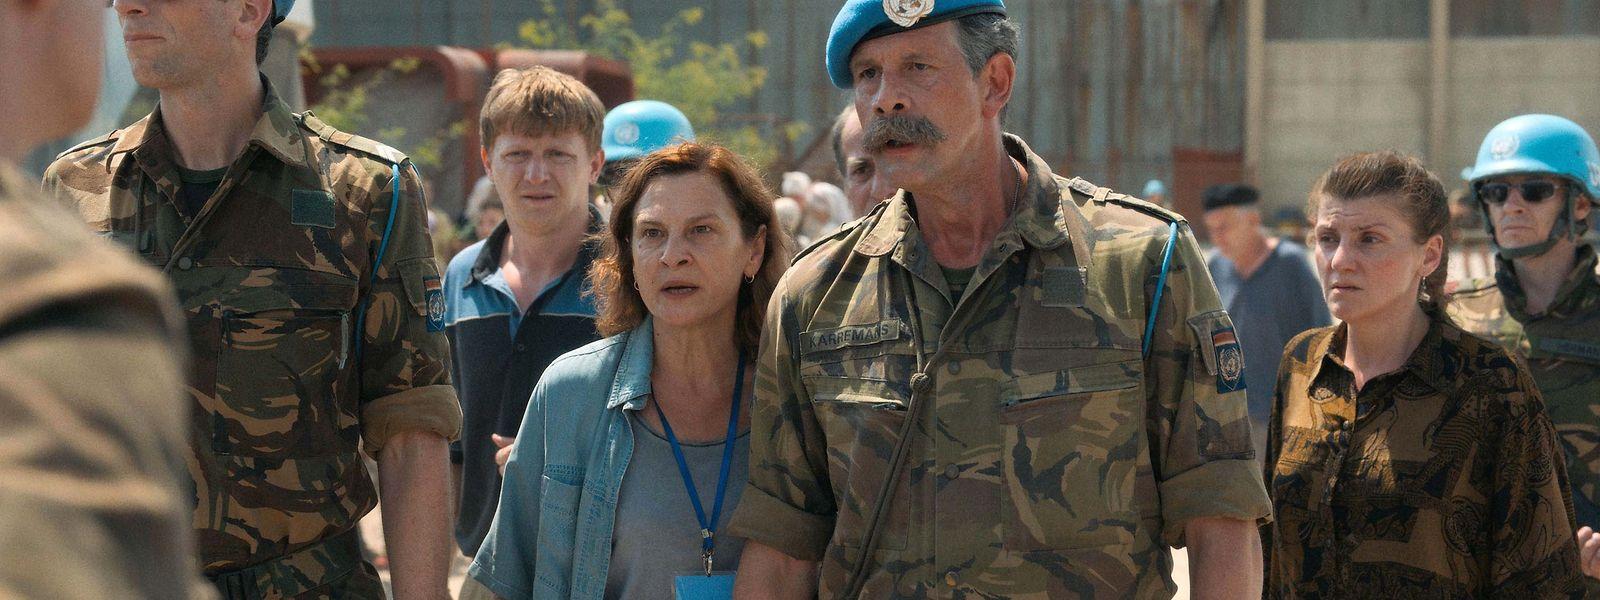 Aida (Jasna Duricic) va devoir affronter la hiérarchie militaire pour tenter de sauver ce qui peut encore l'être dans le Srebenica de 1995..